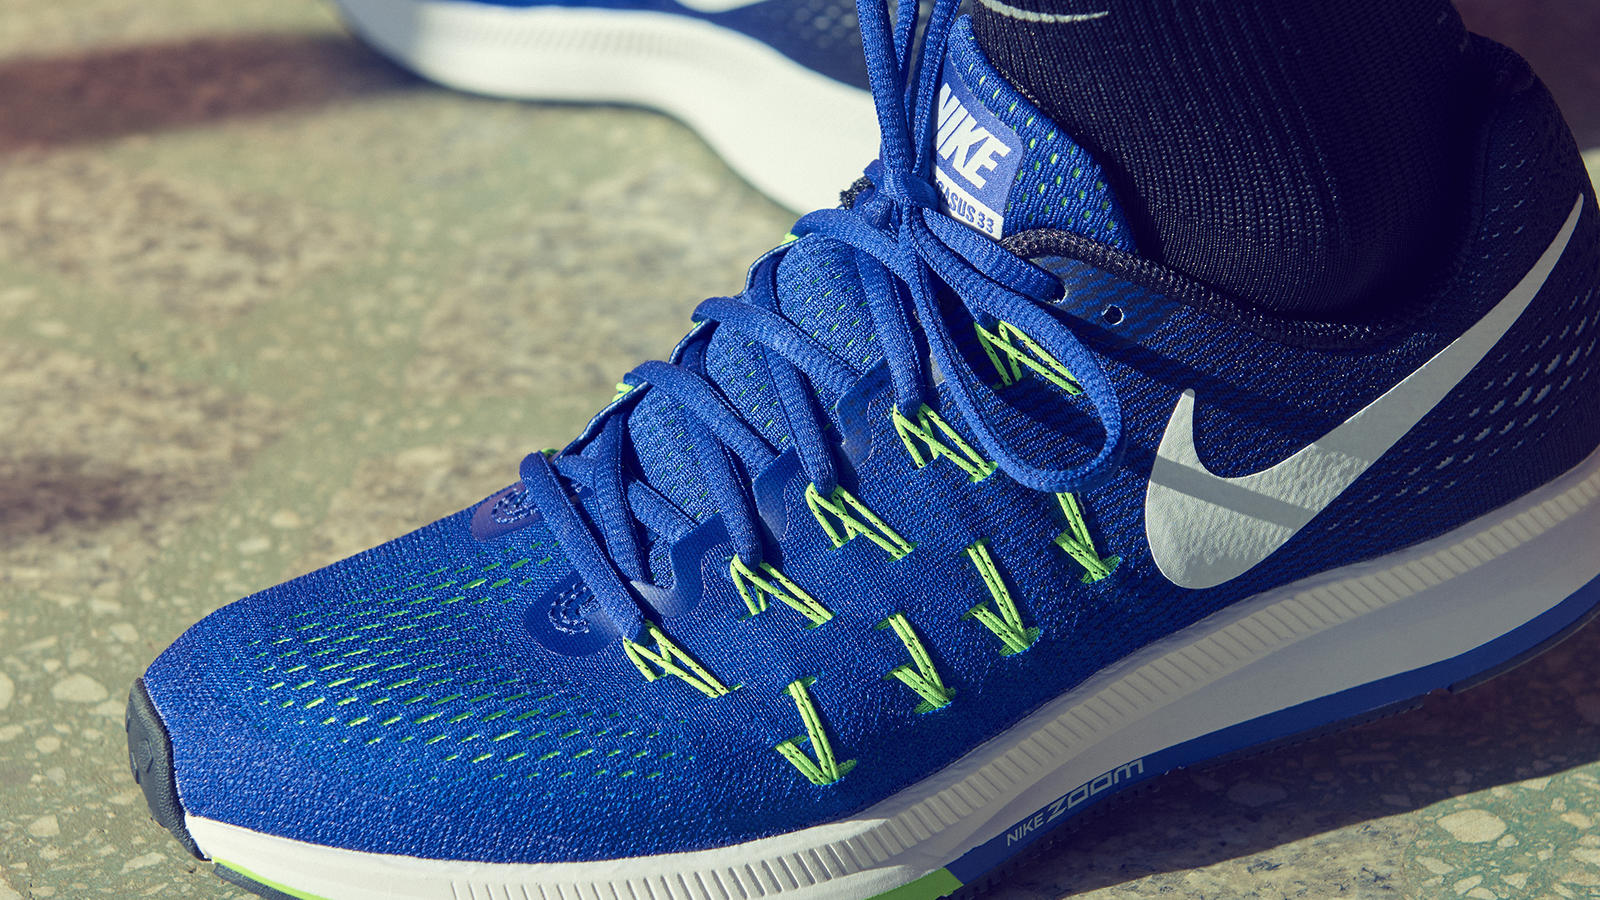 9680f81fb5 O novo Nike Air Zoom Pegasus 33 está disponível à partir de hoje no site  nike.com e em lojas selecionadas.